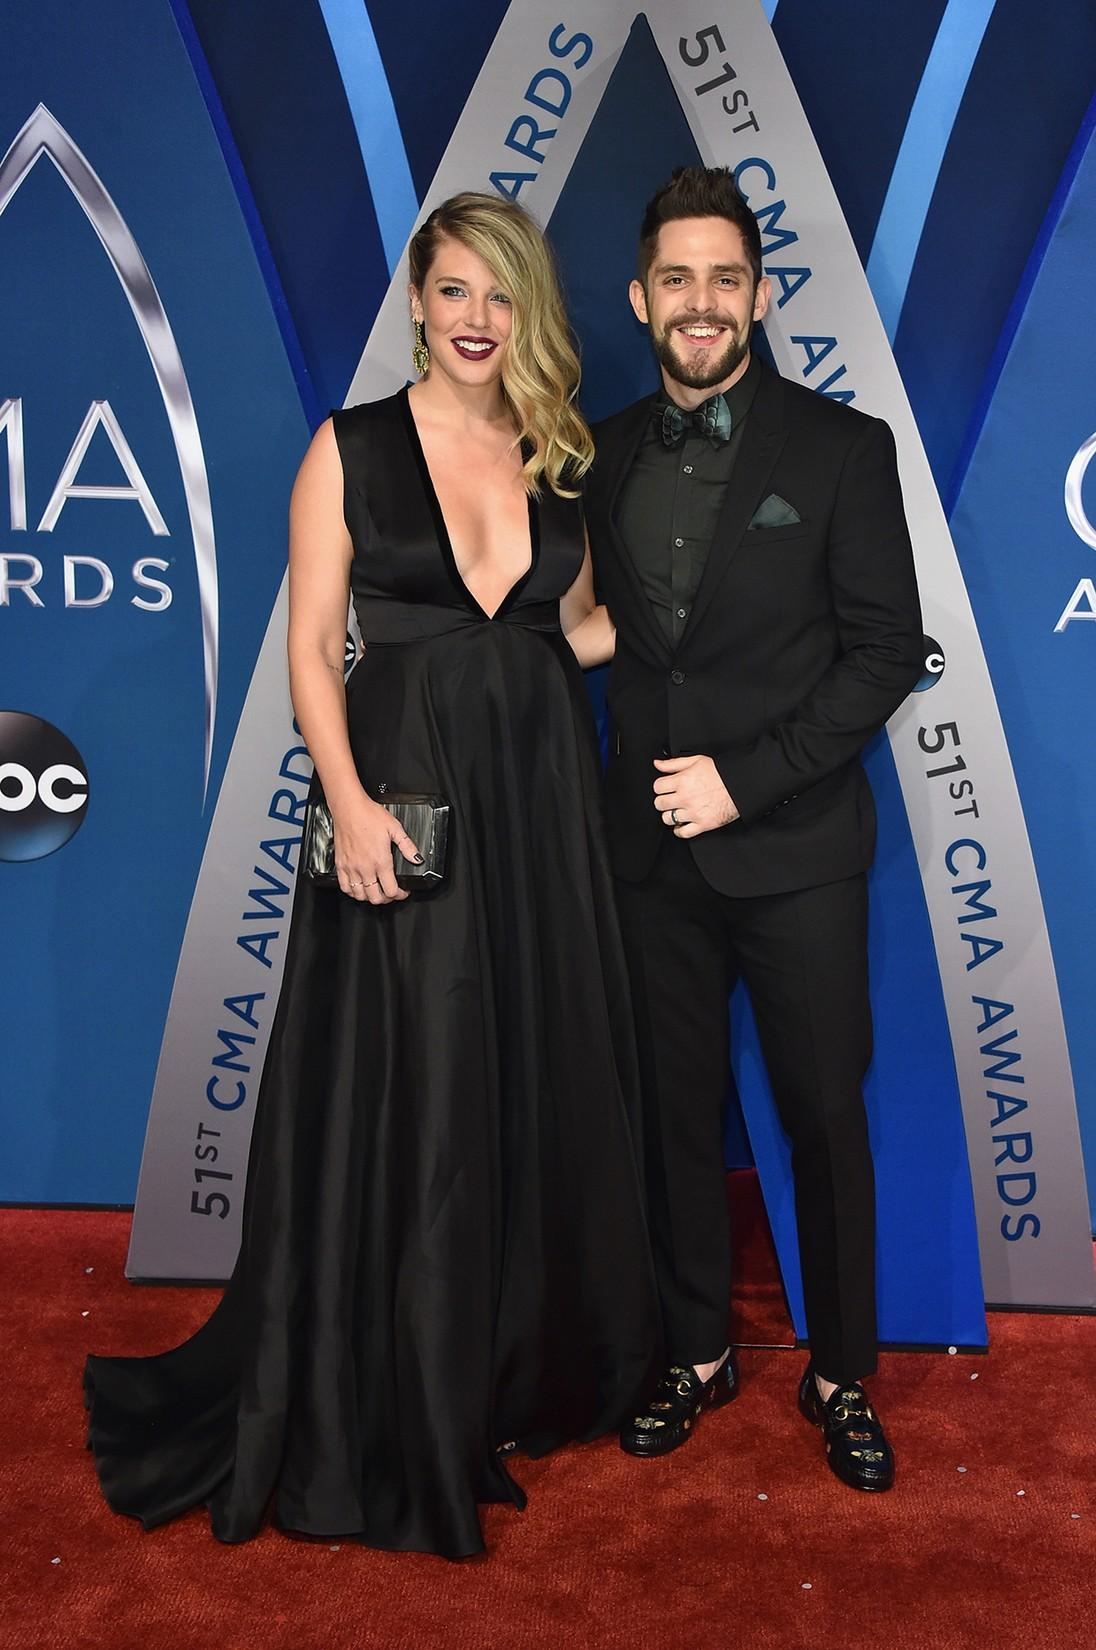 Lauren Akins and Thomas Rhett